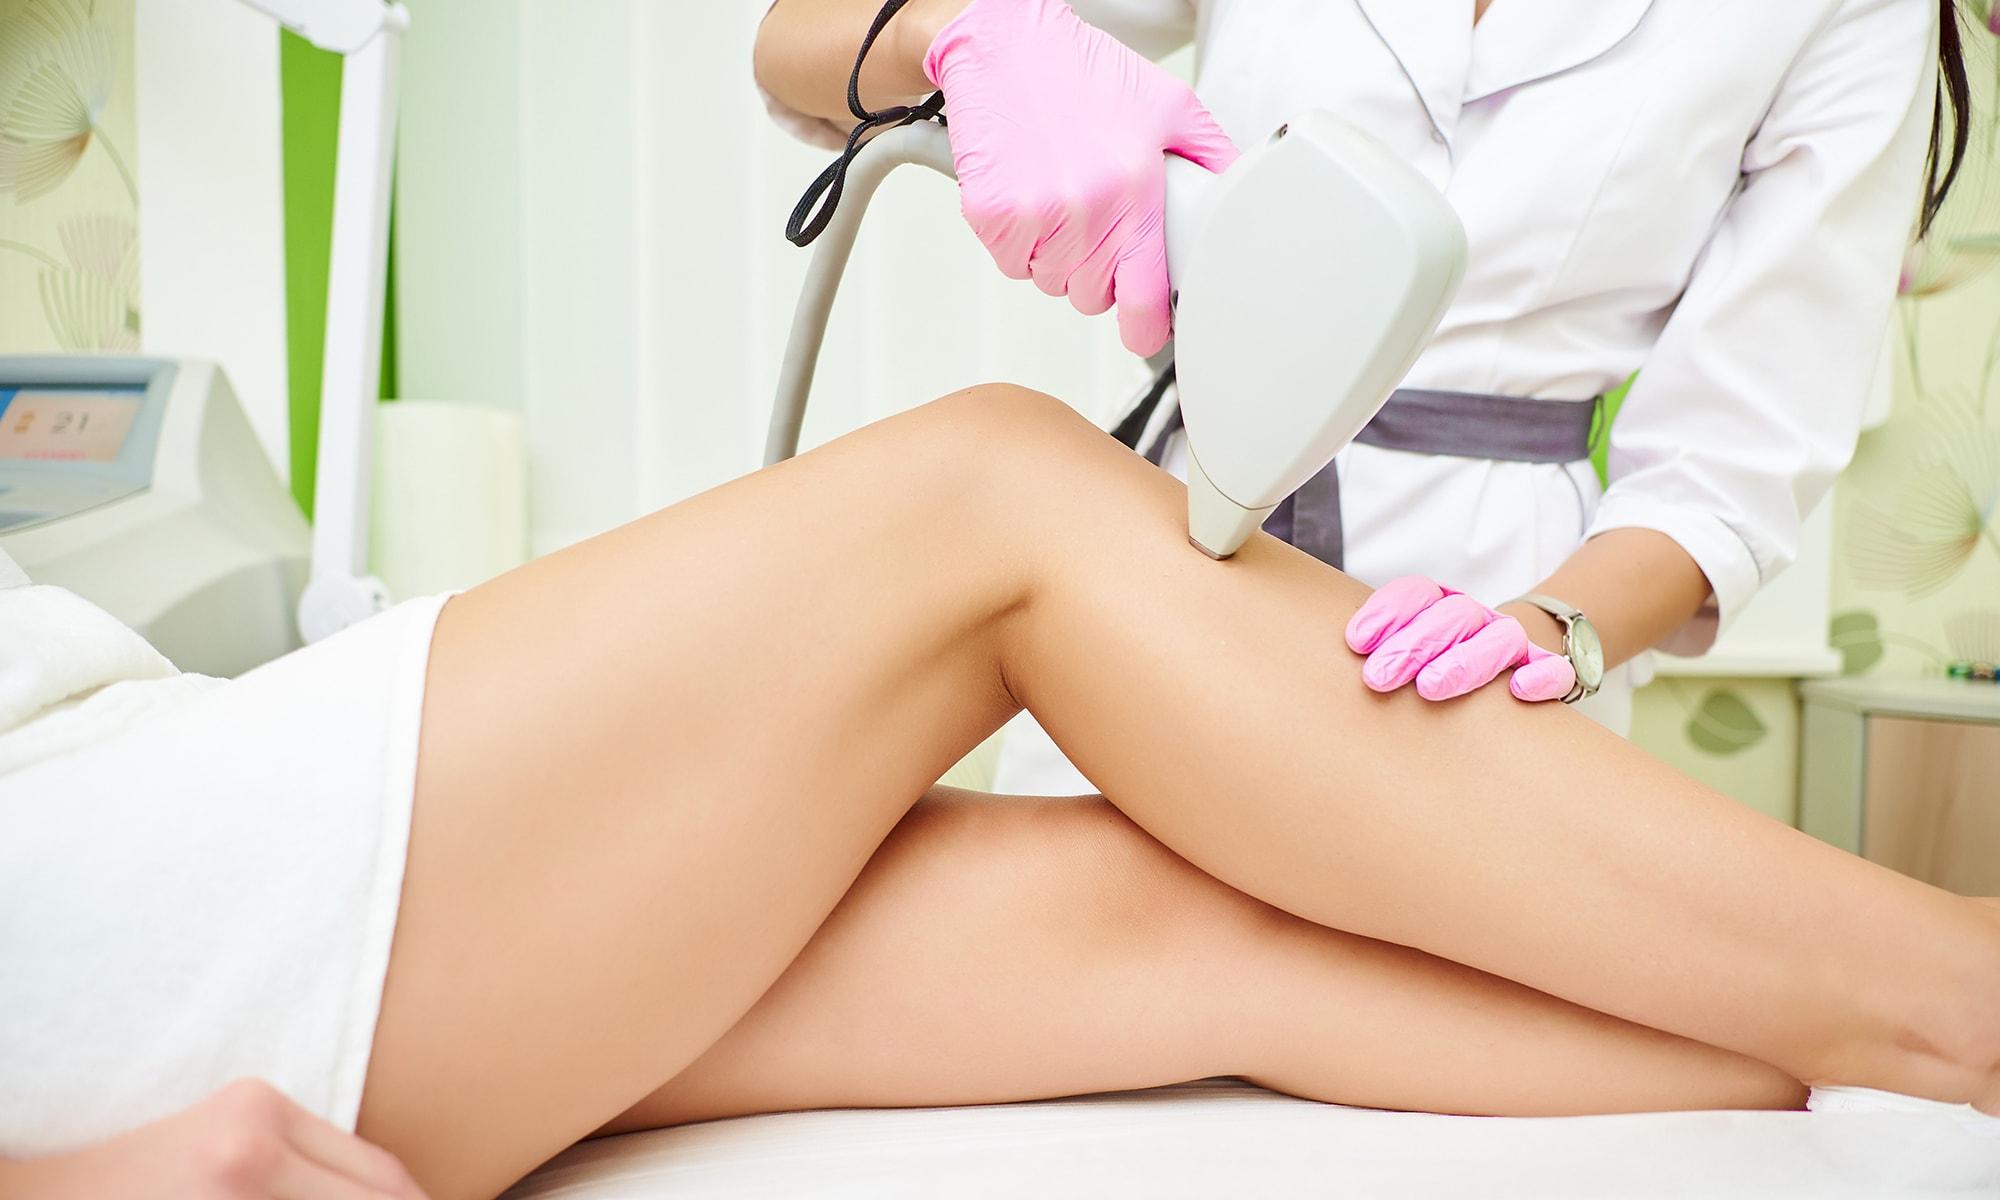 Riscuri pentru tratamentul de epilare cu ceară